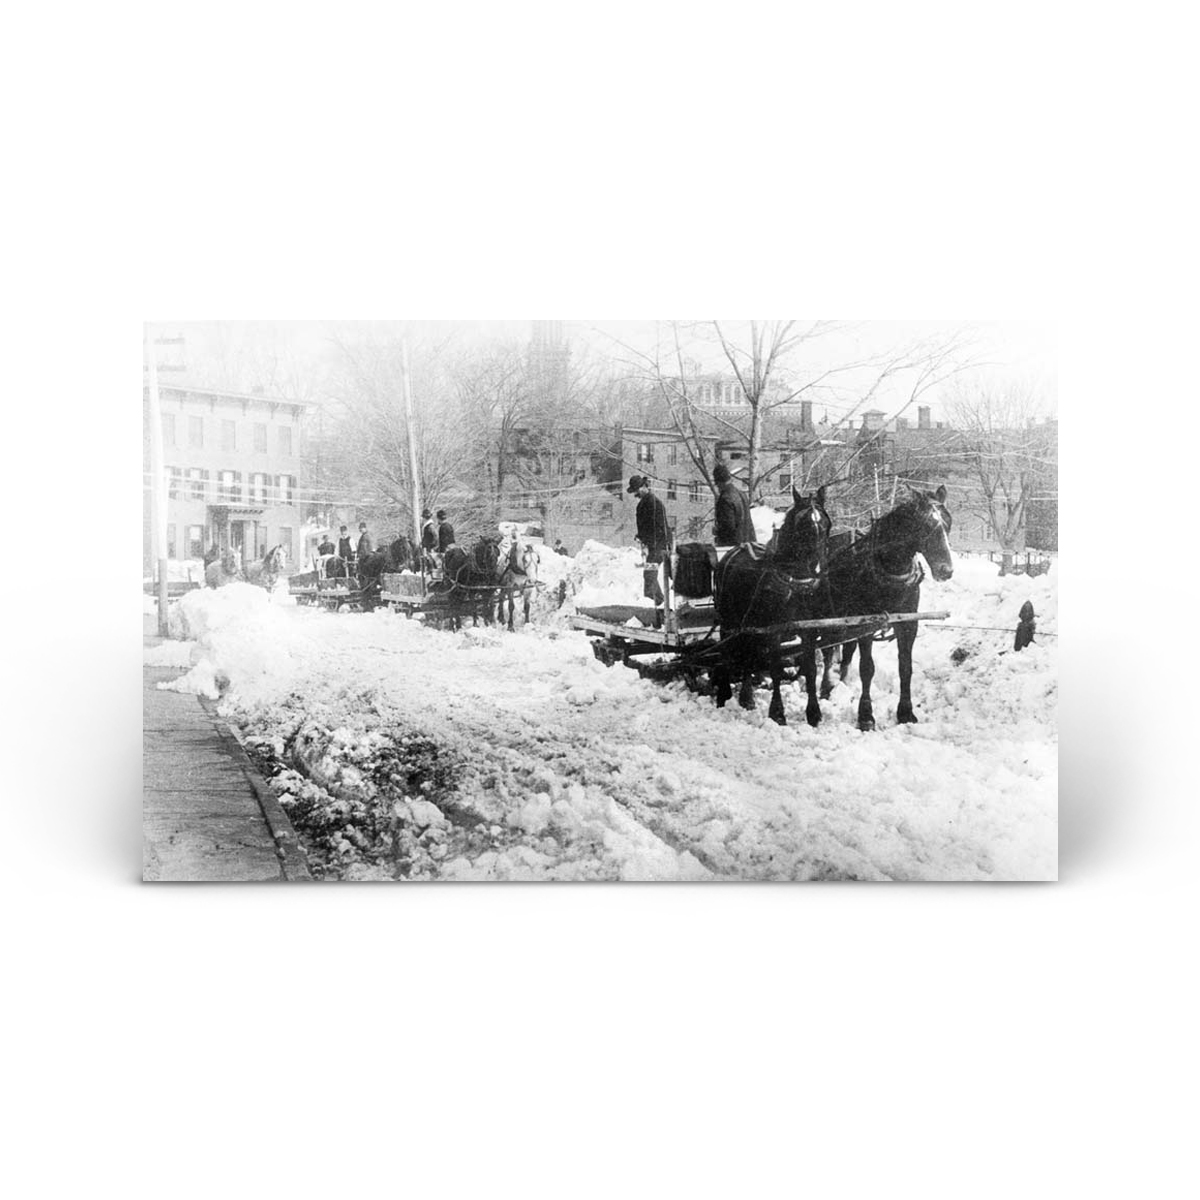 Historical Photos: 1888 Blizzard - Carting Snow